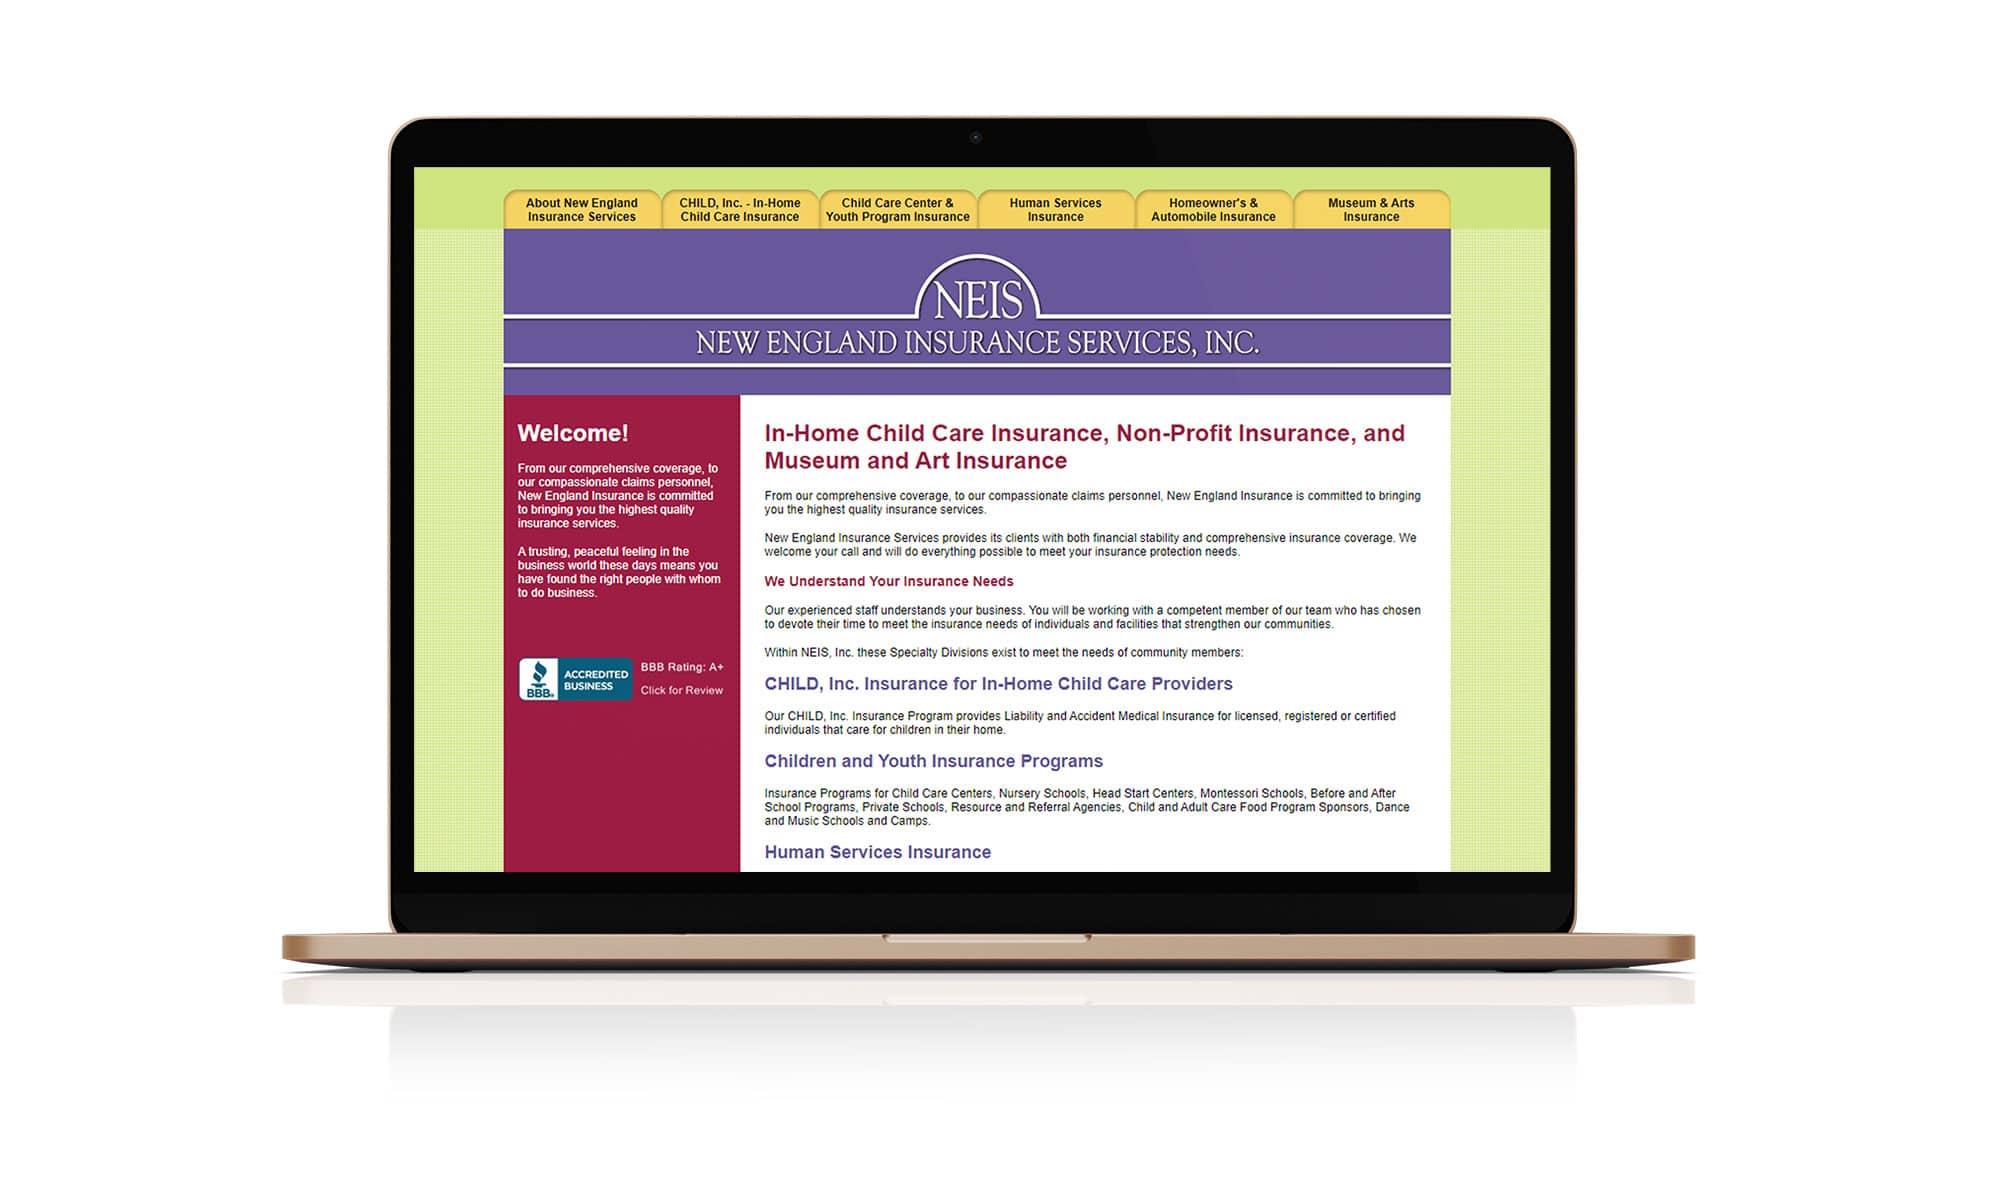 neis_website_before